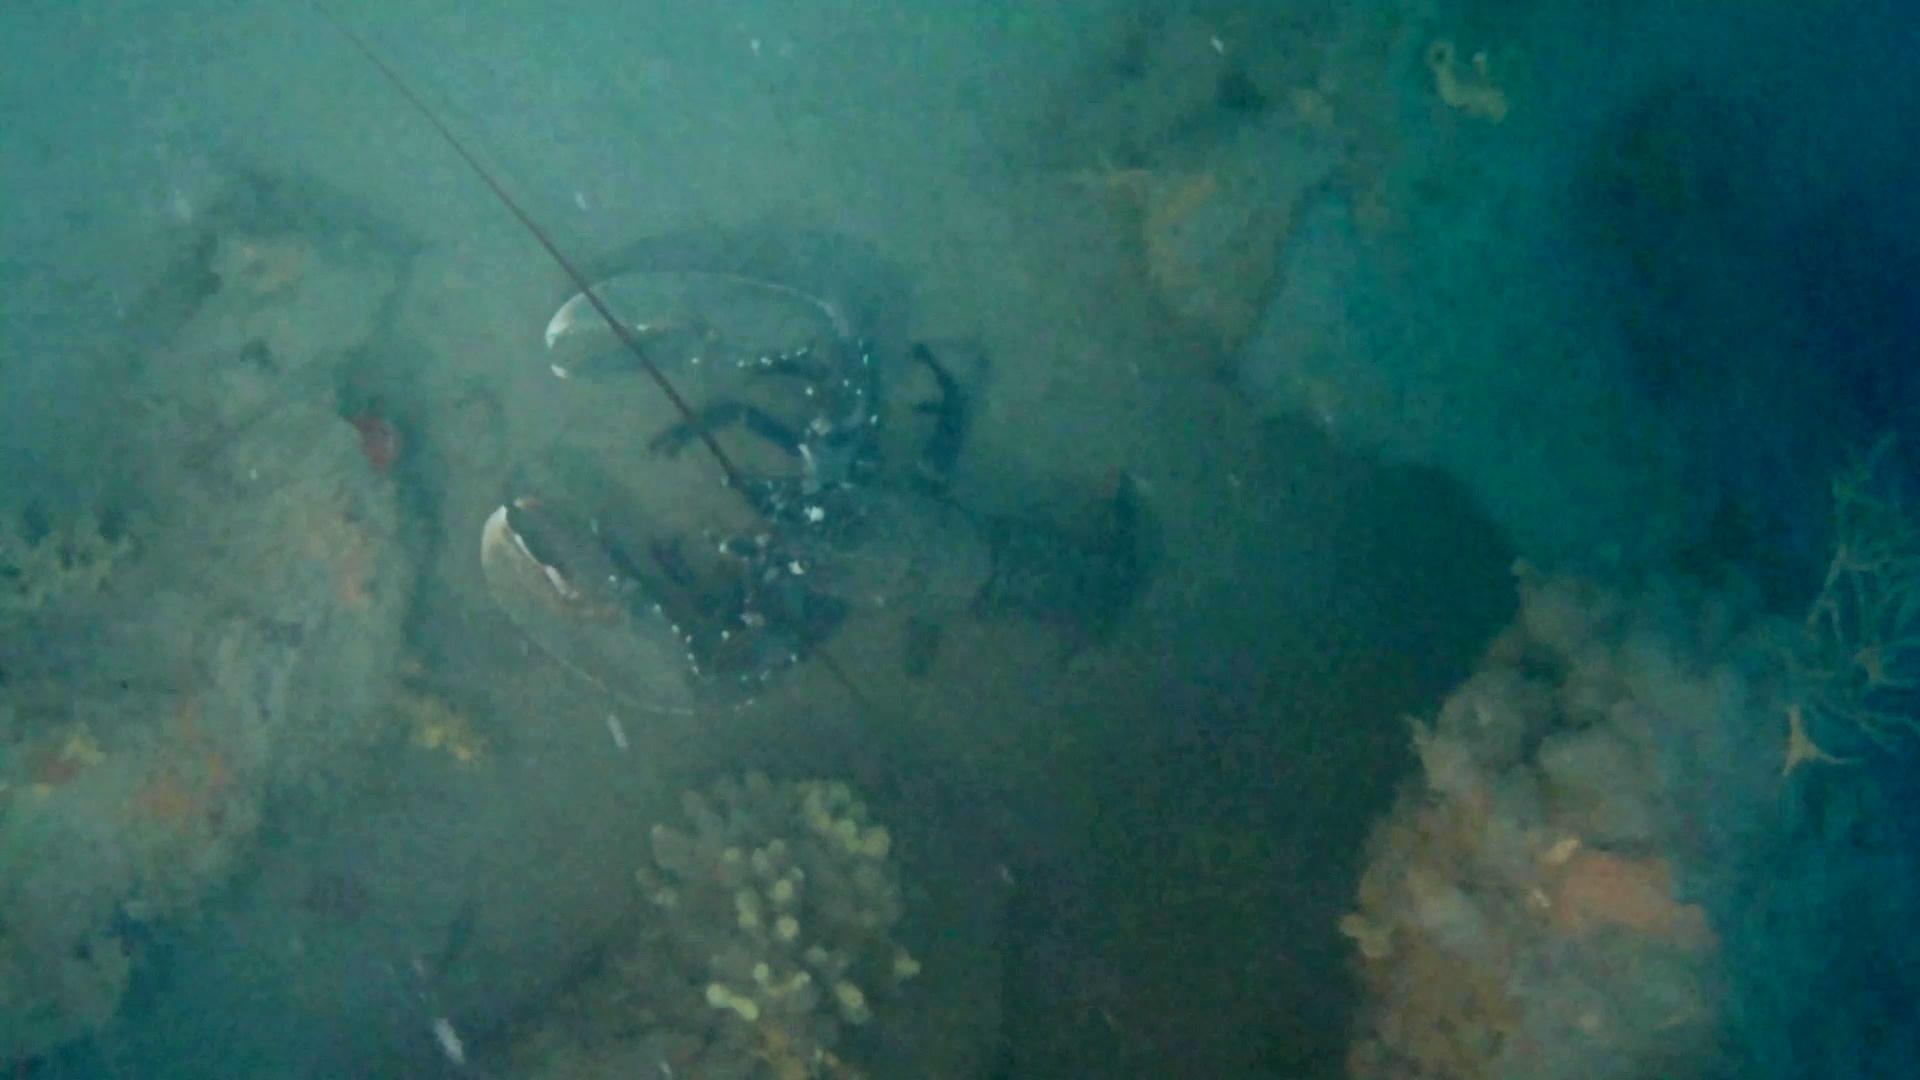 astice del mediterraneo - lupicante - homarus gammarus - mediterranean lobster - intotheblue.it